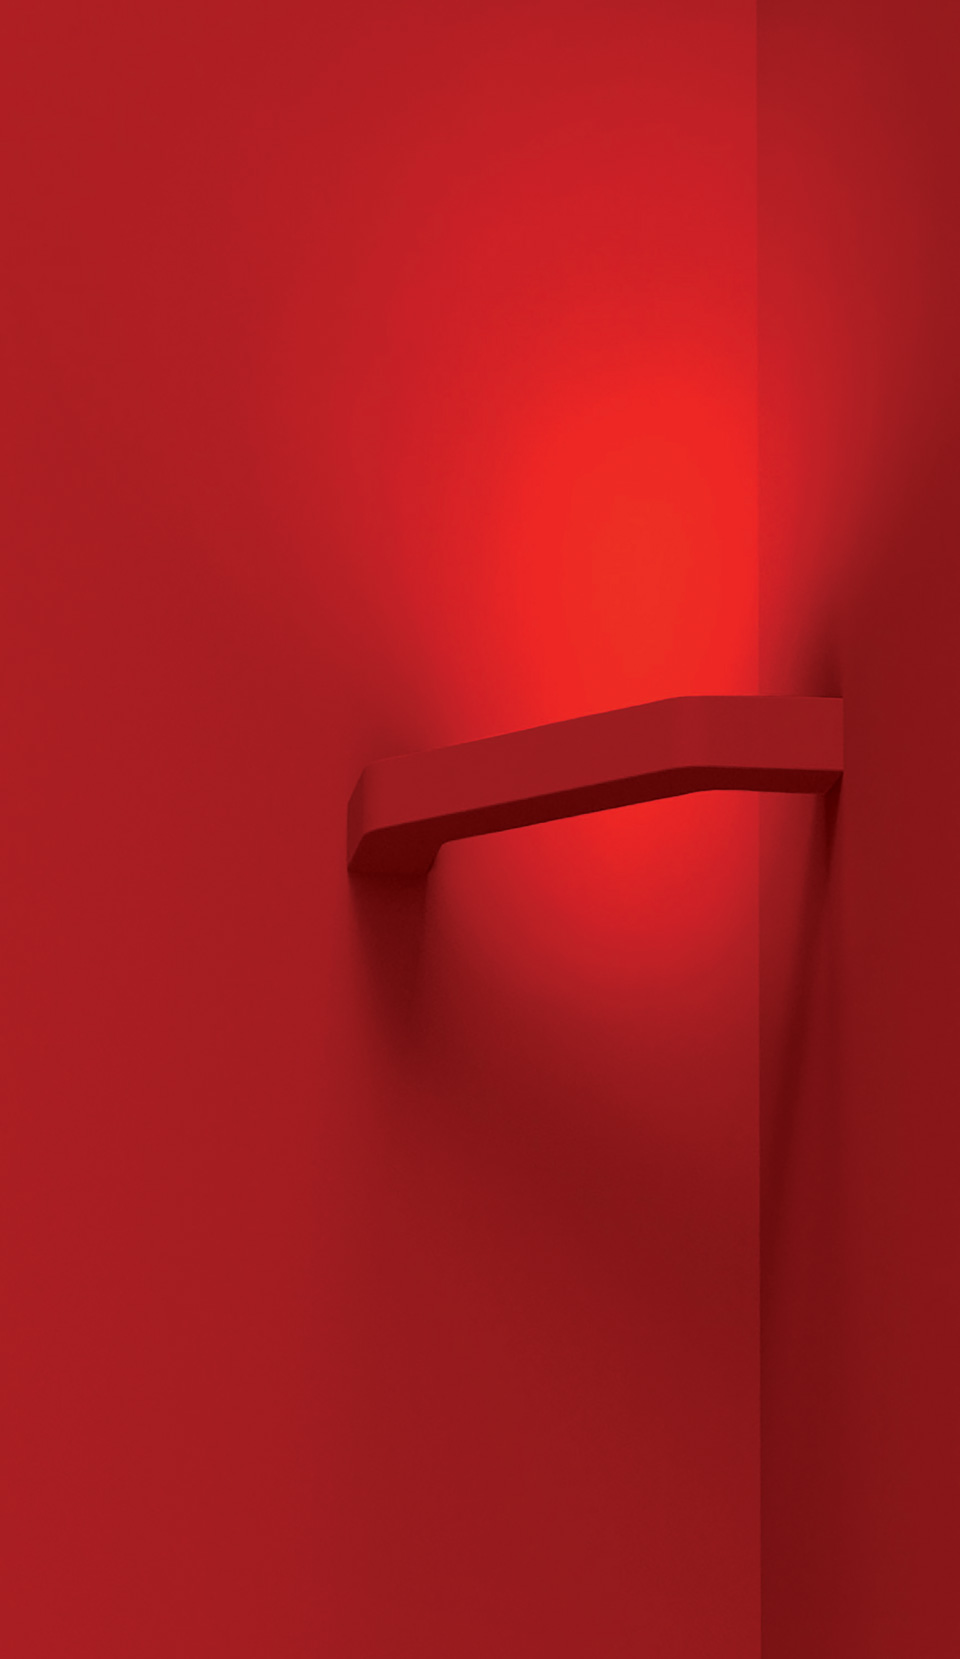 Applique rouge Agrafe 90° en plâtre brut. Sedap.